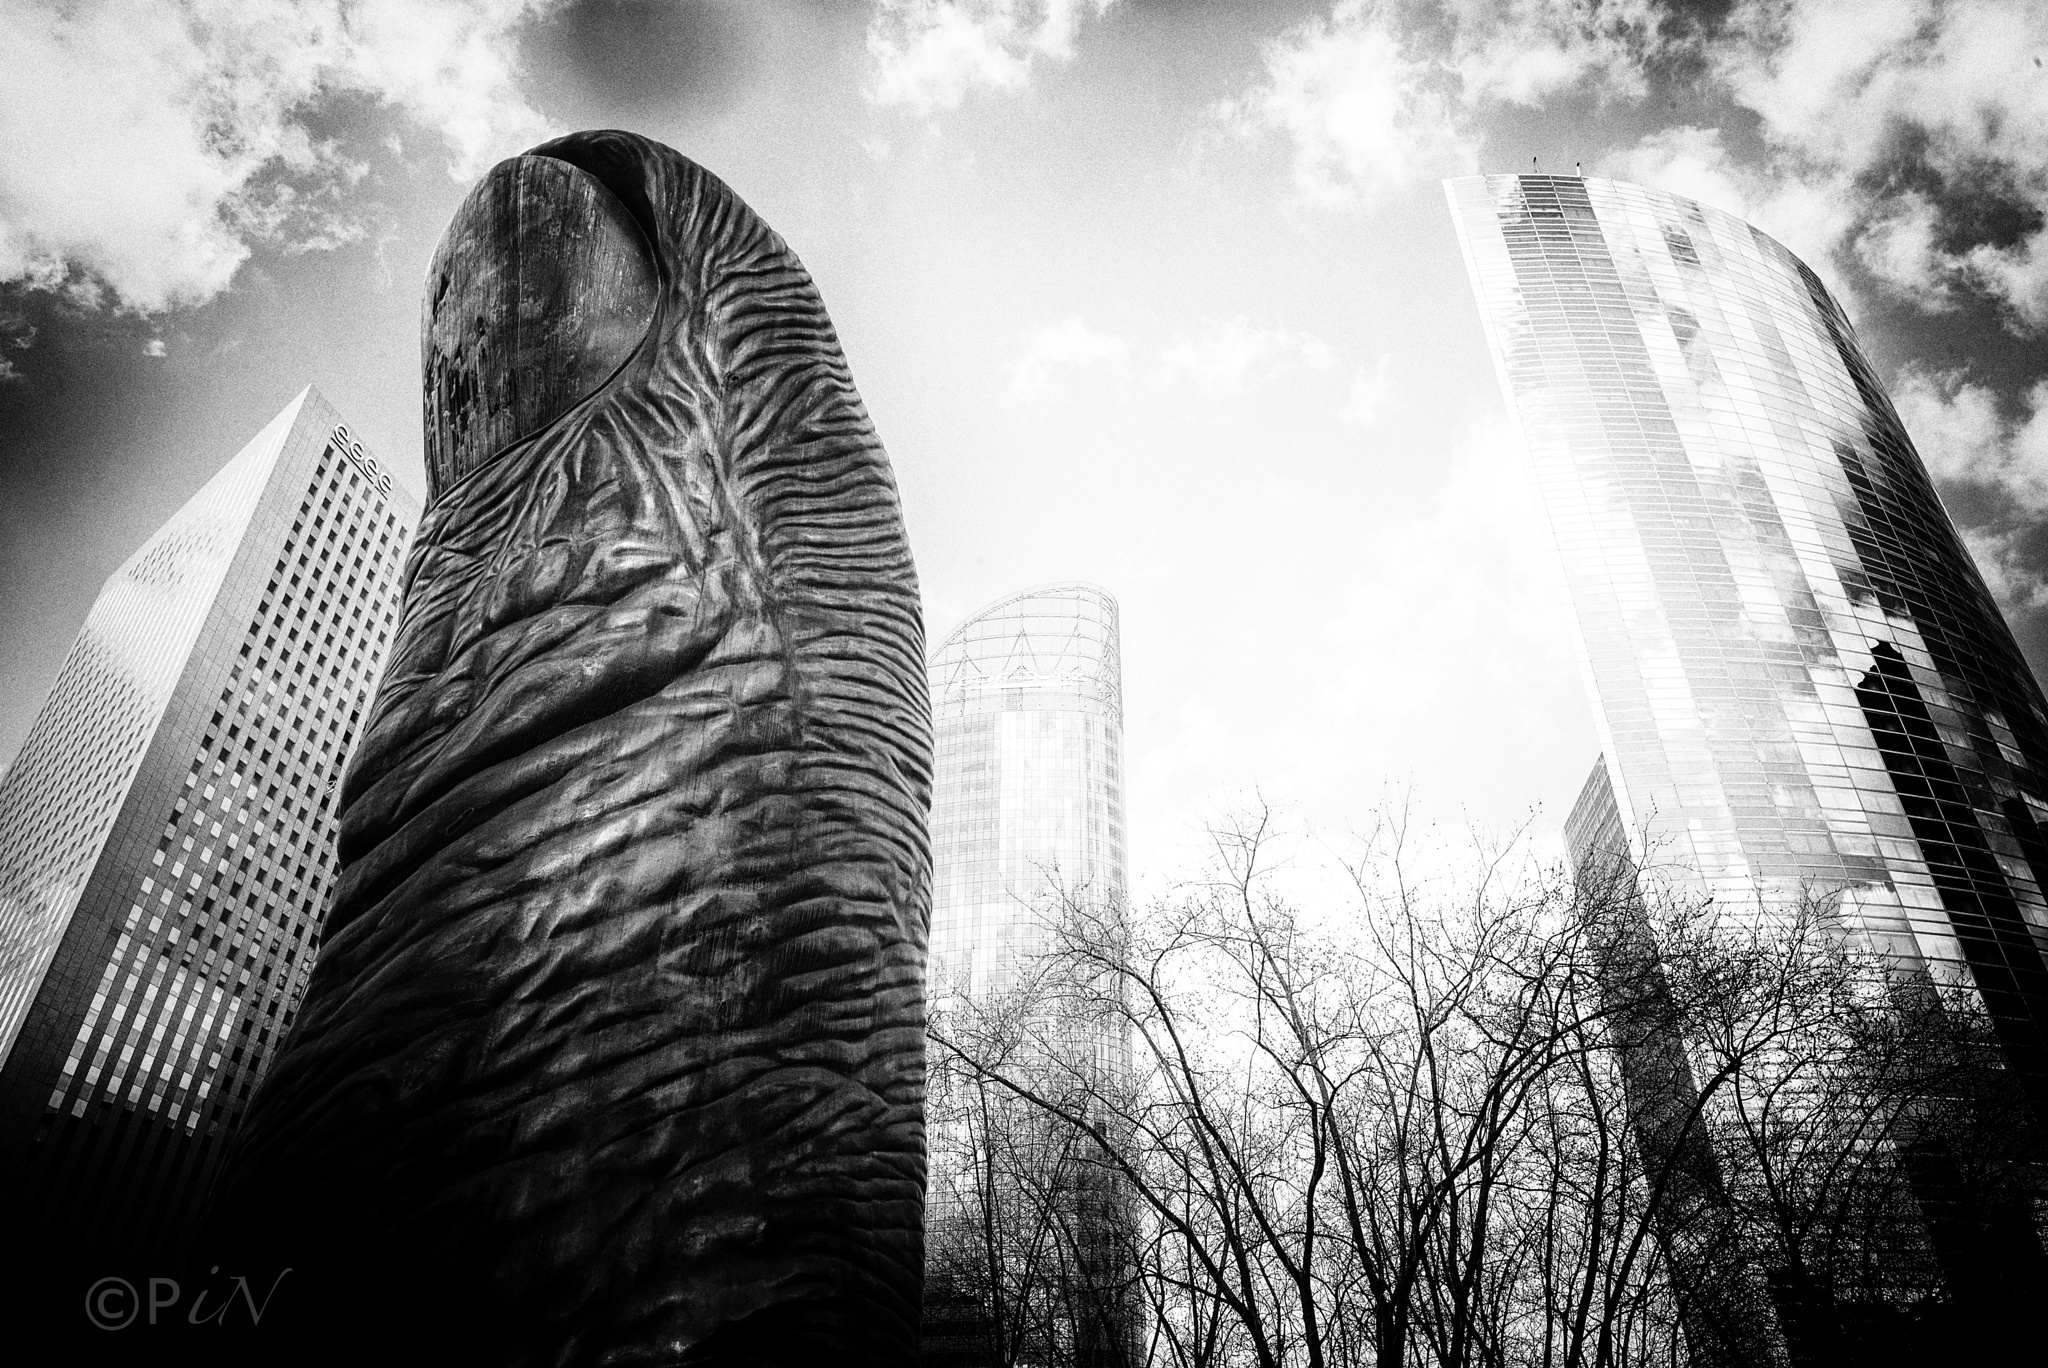 Paris Thumb by Paul Struijk